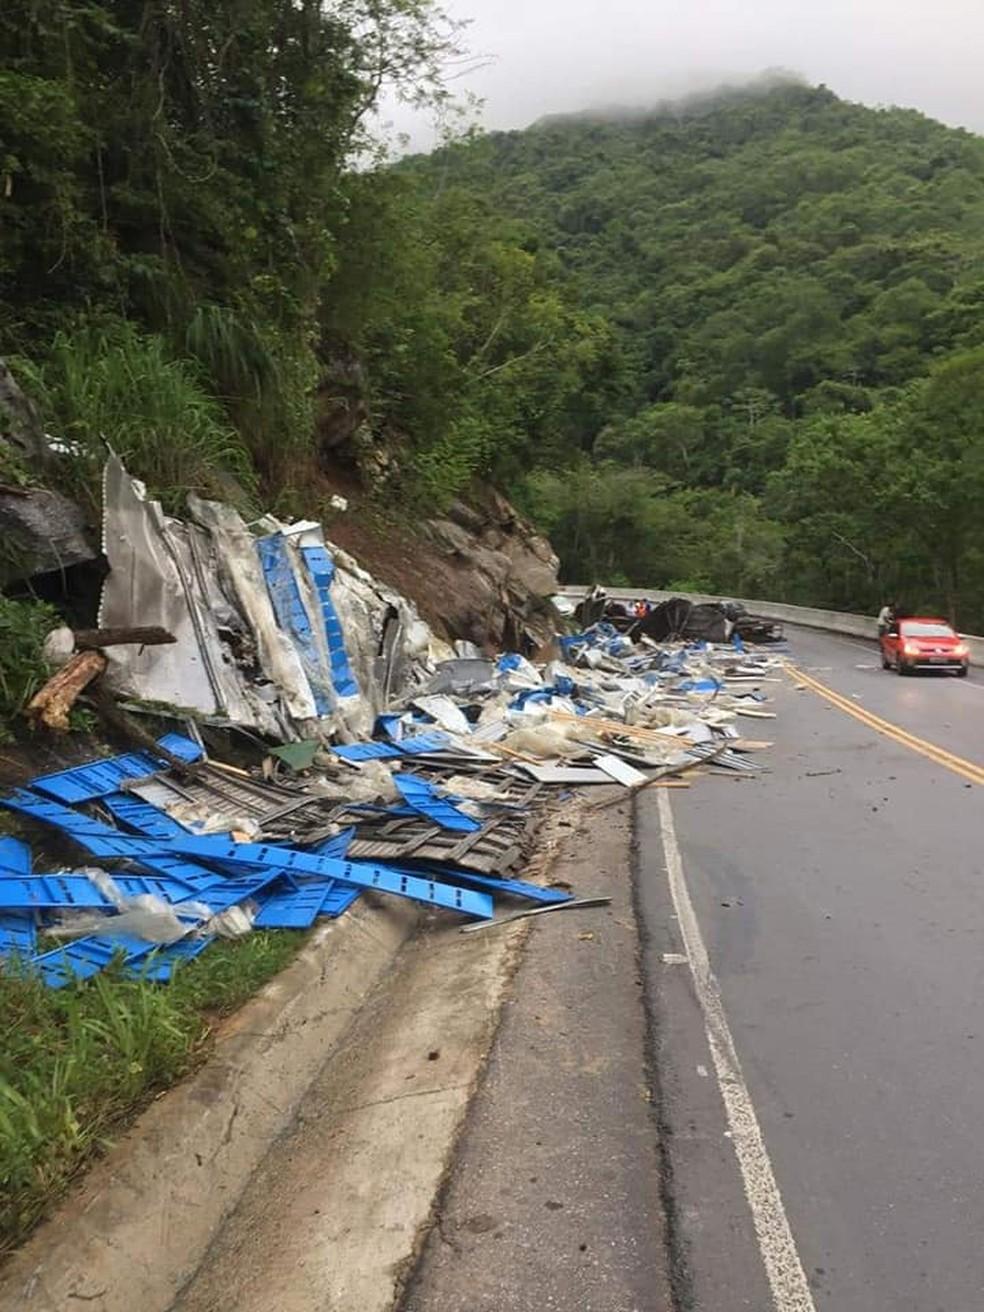 Caminhão estava carregado com gôndolas de supermercado. — Foto: Reprodução/Facebook